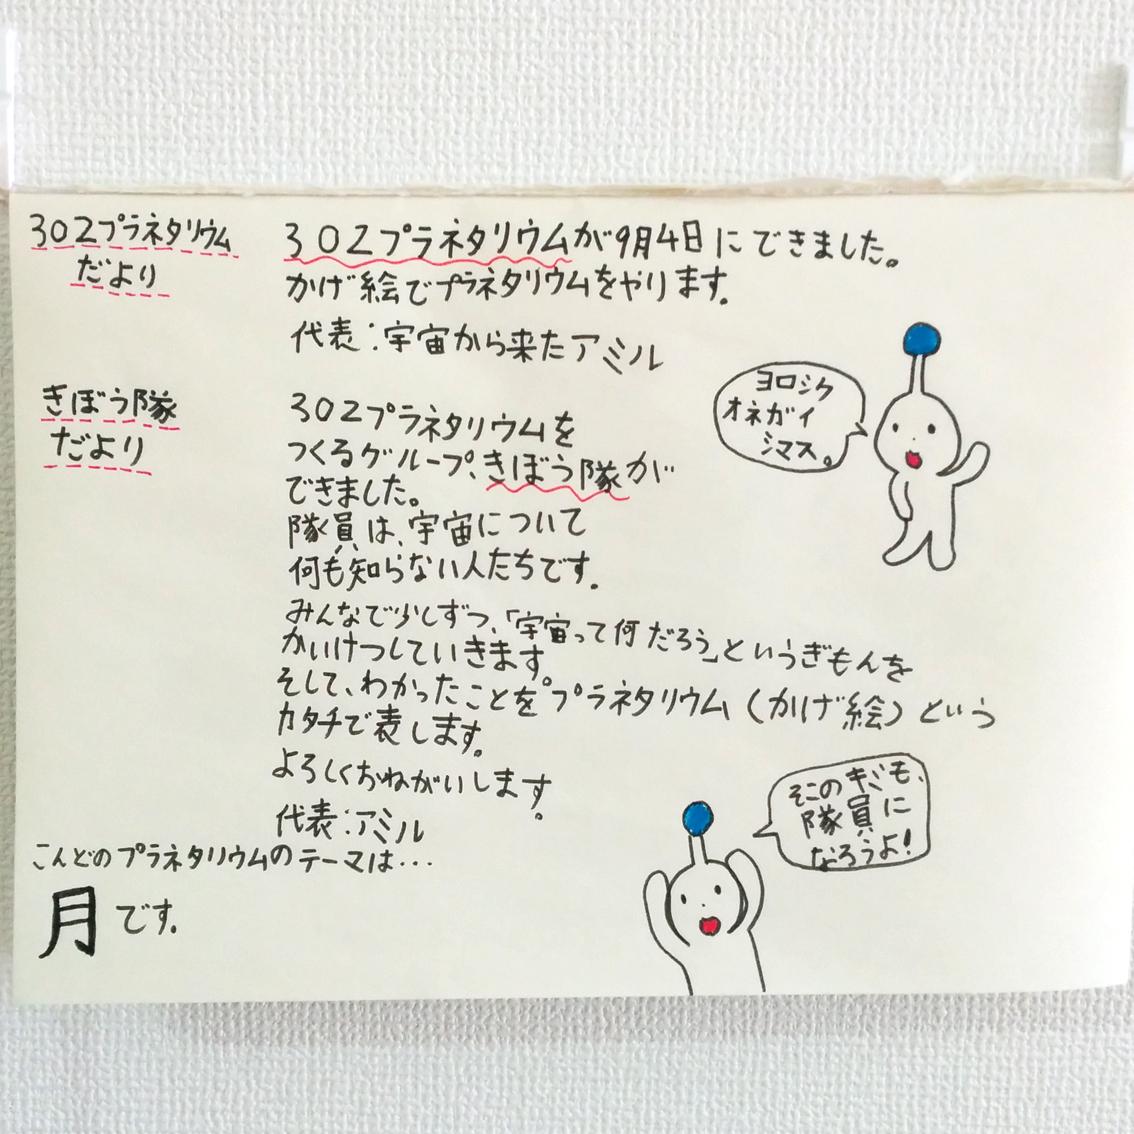 f:id:haruya-oyako:20210916174517j:plain